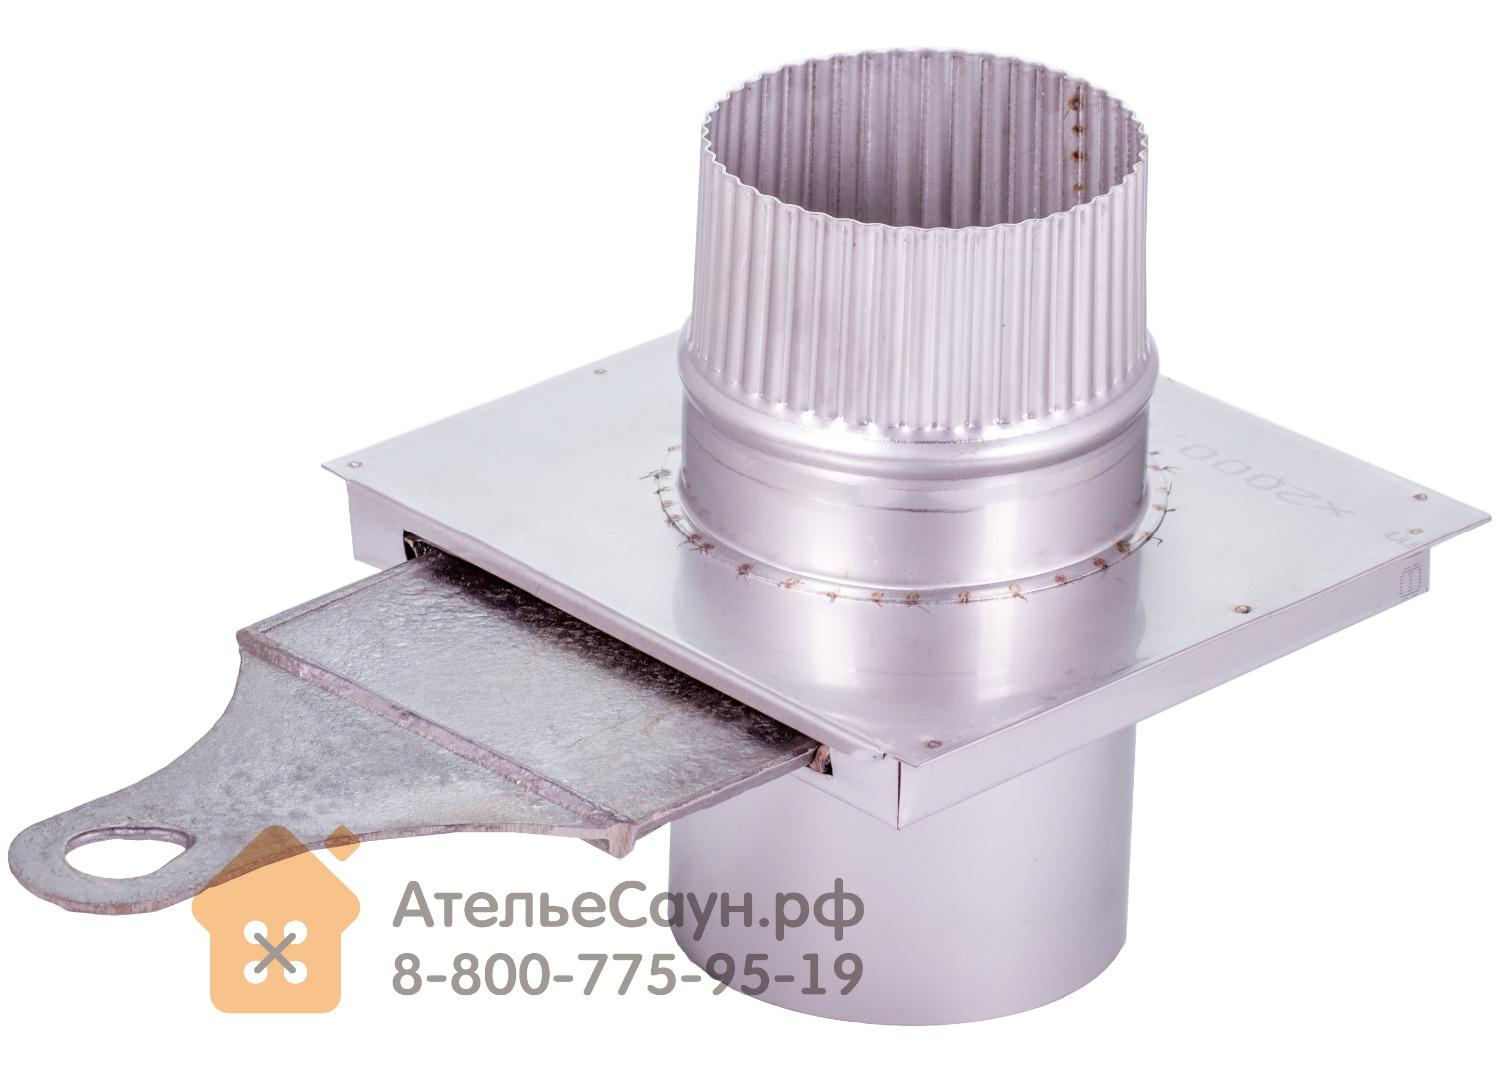 Купить дымоход d130 мм коаксиальный дымоход для газовой колонки бош